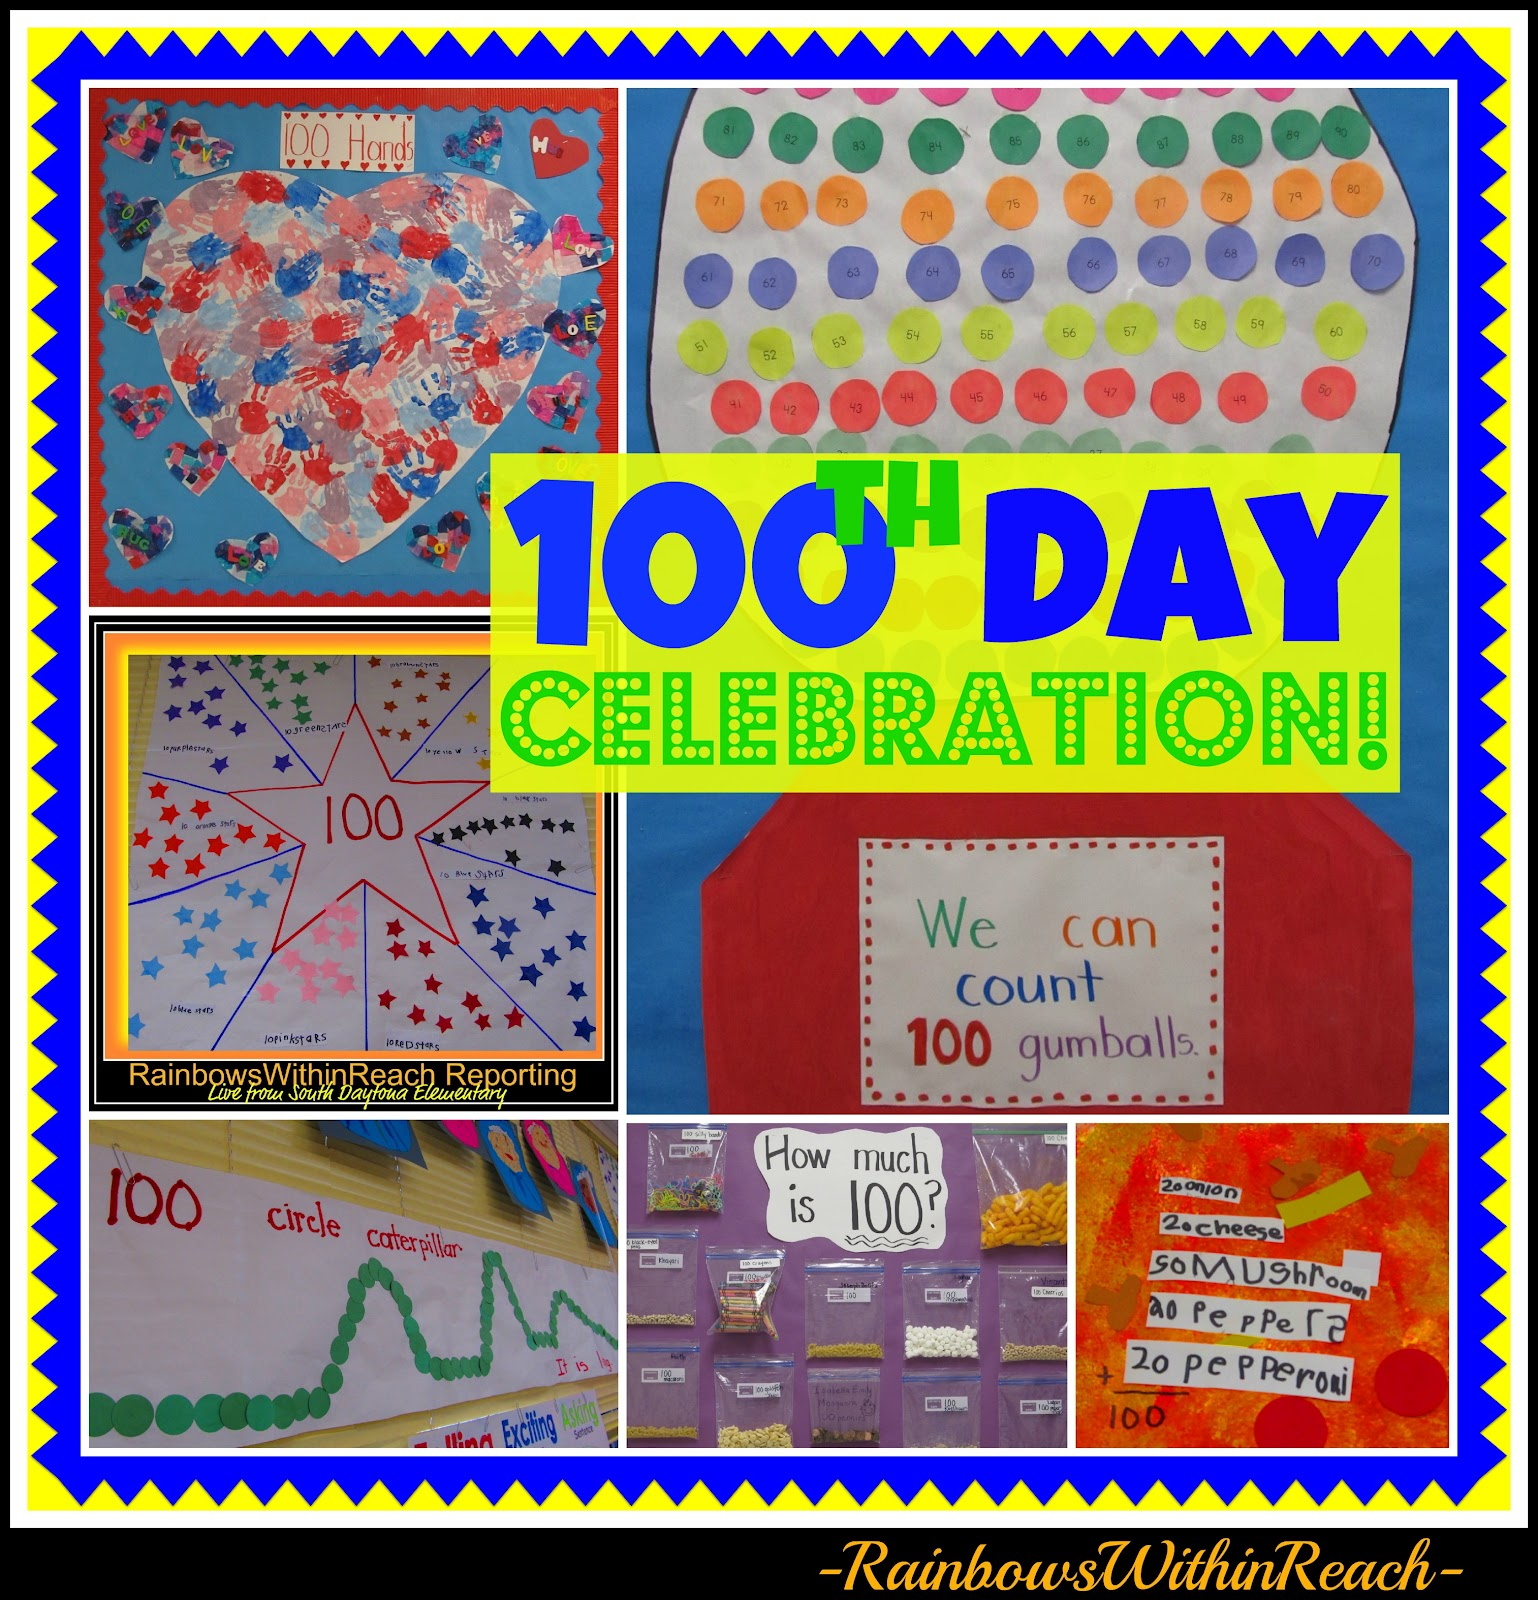 100th Day EXTRAVAGANZA!!!